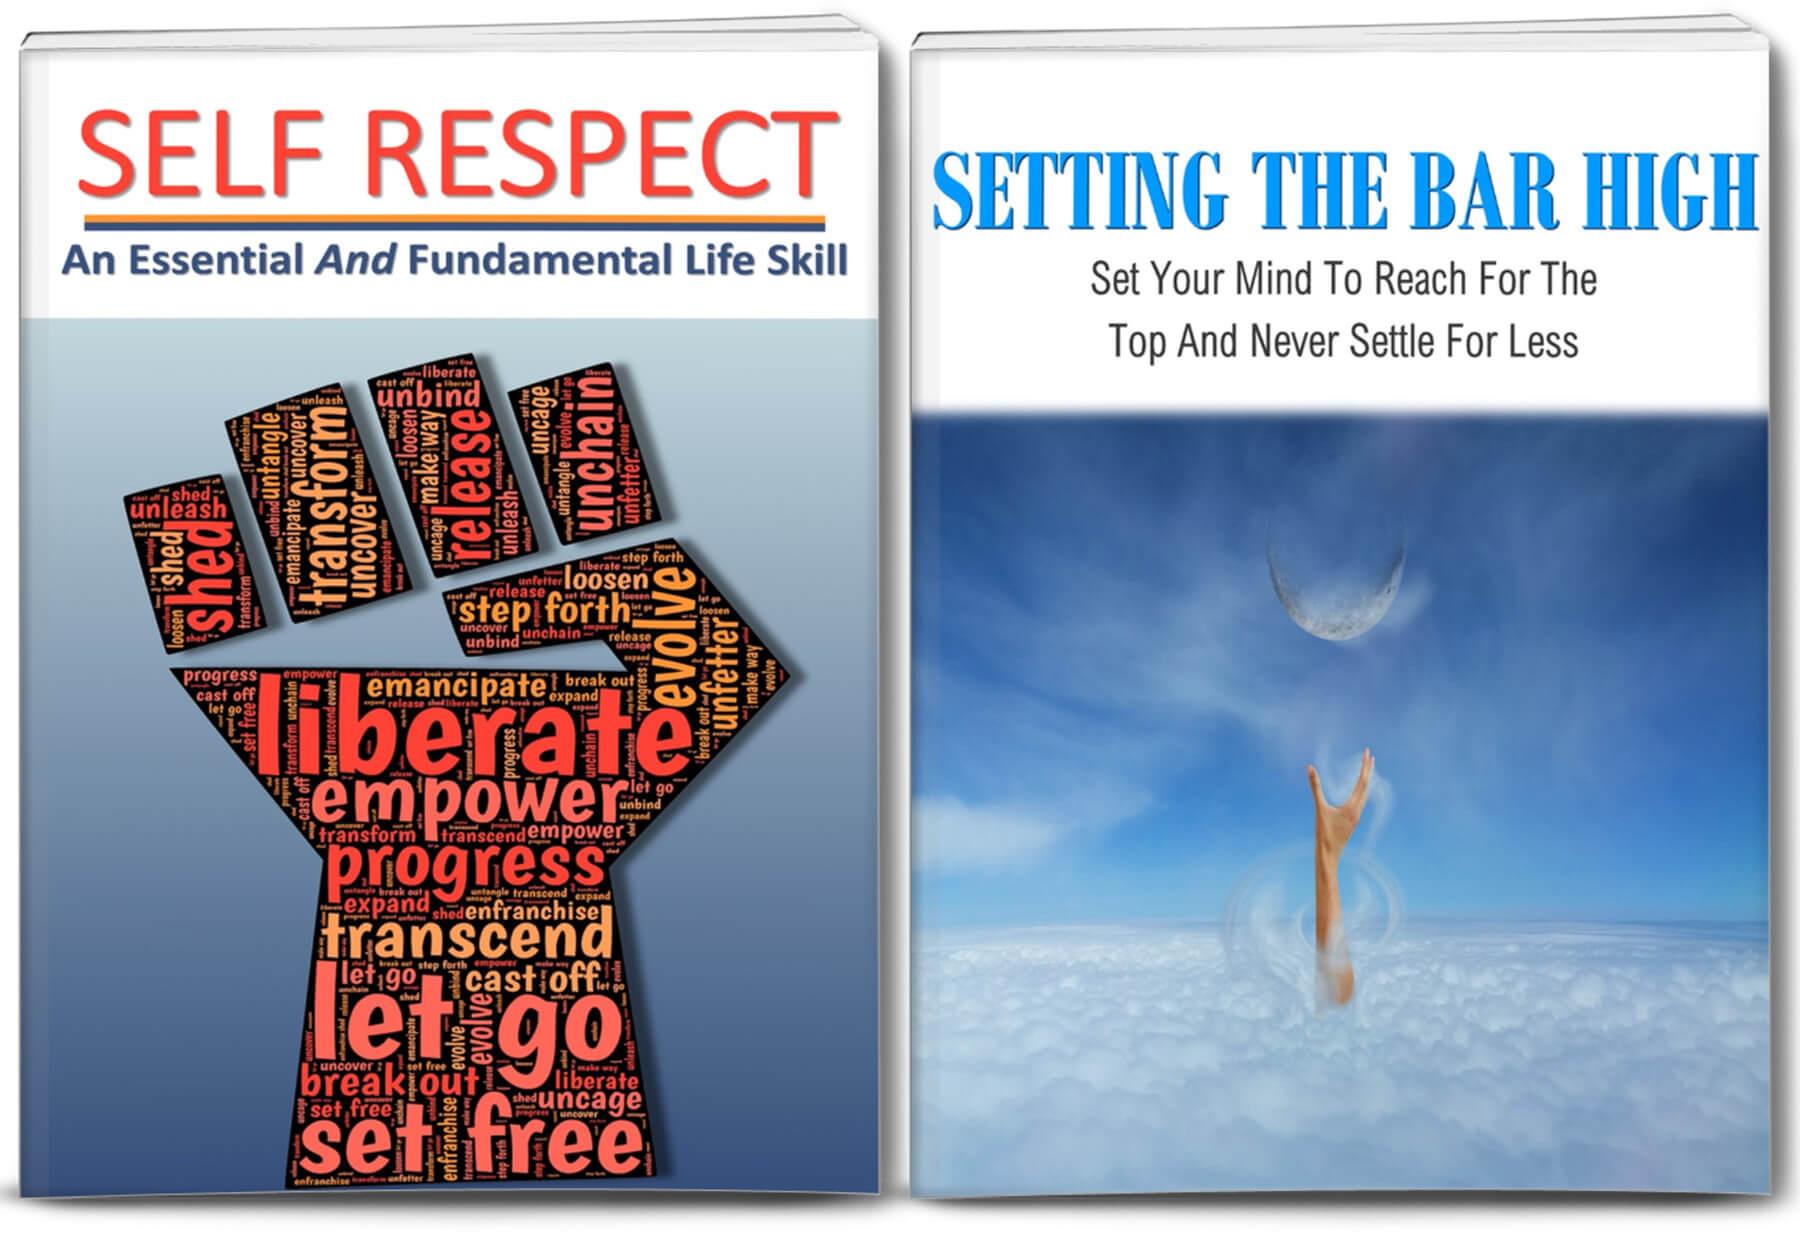 self-respect plr